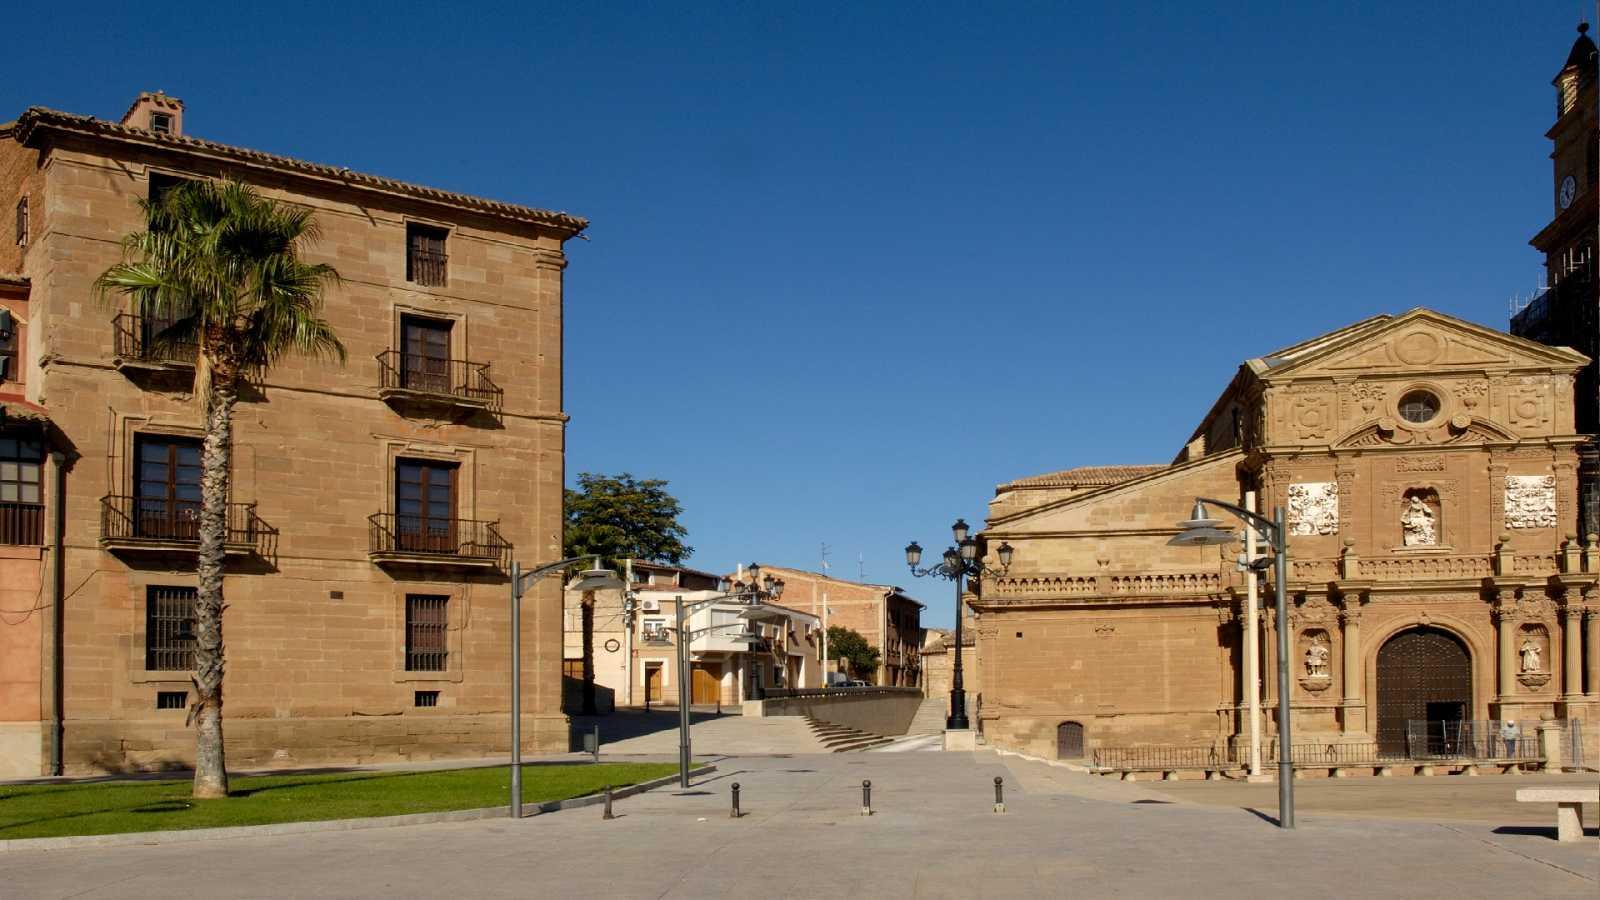 Reportajes Emisoras - La Rioja - 'Calahorra: restos de una ciudad romana' - 07/05/21 - Escuchar ahora